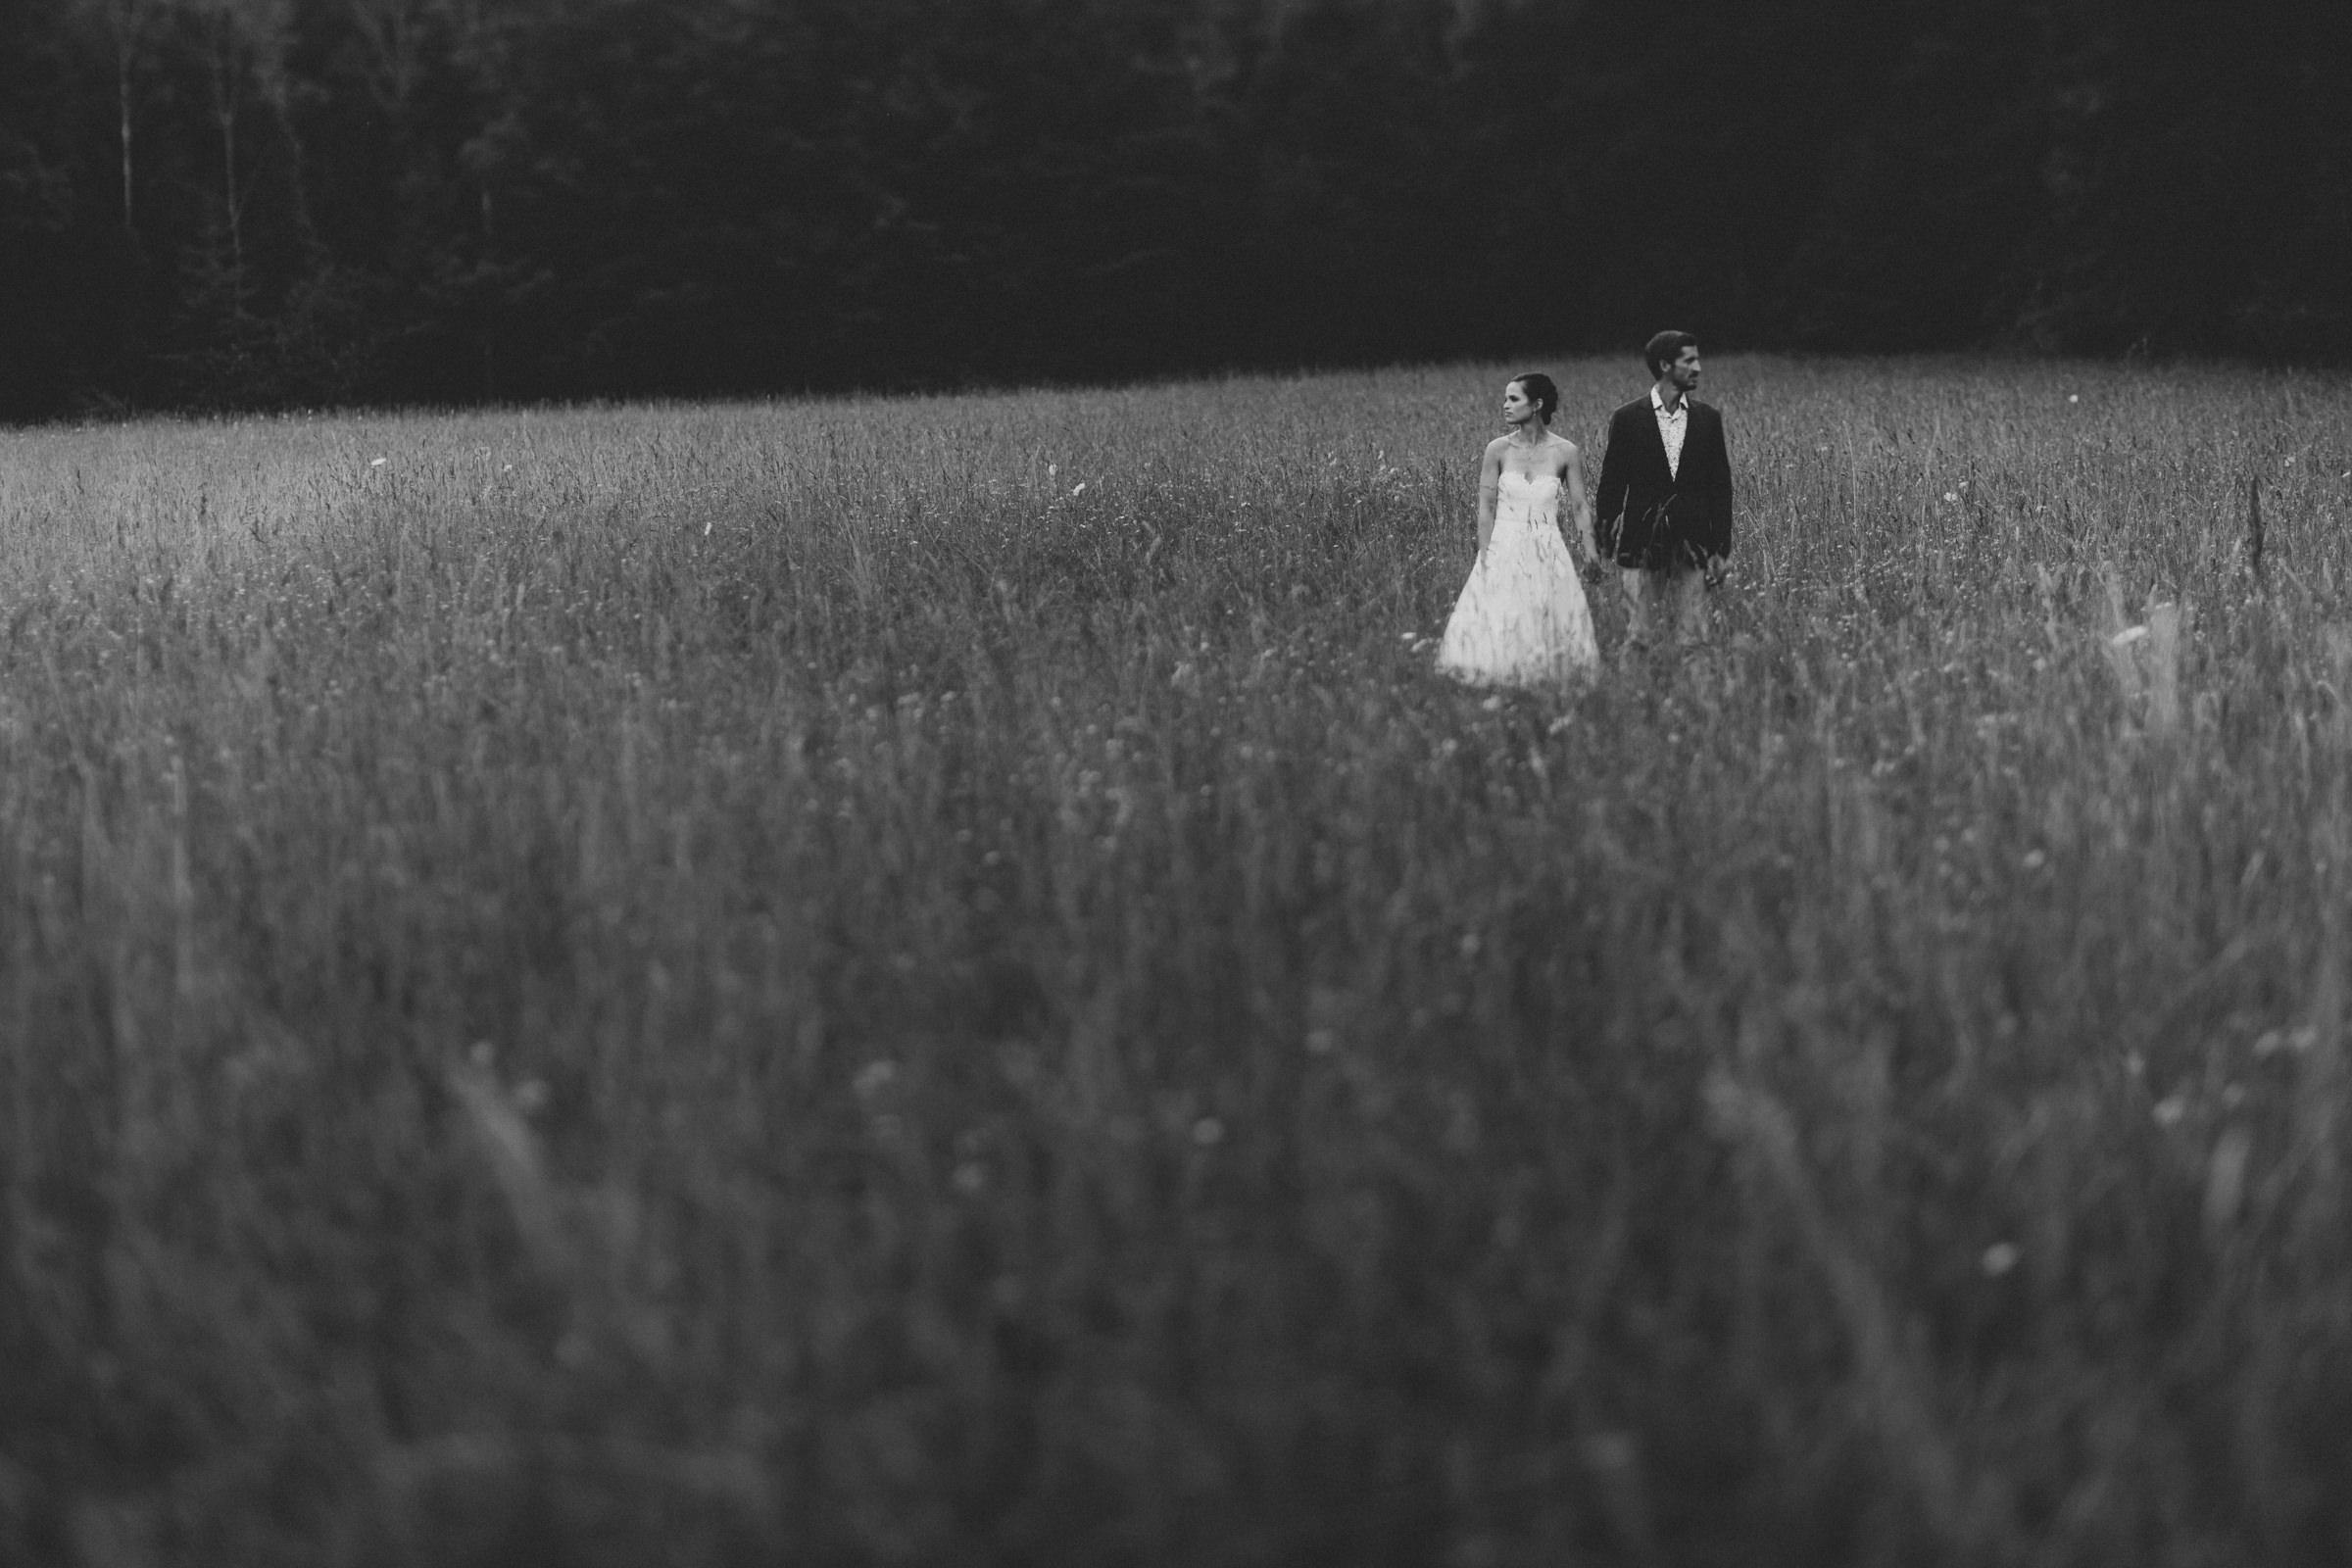 Lake_Michigan_wedding-43.jpg